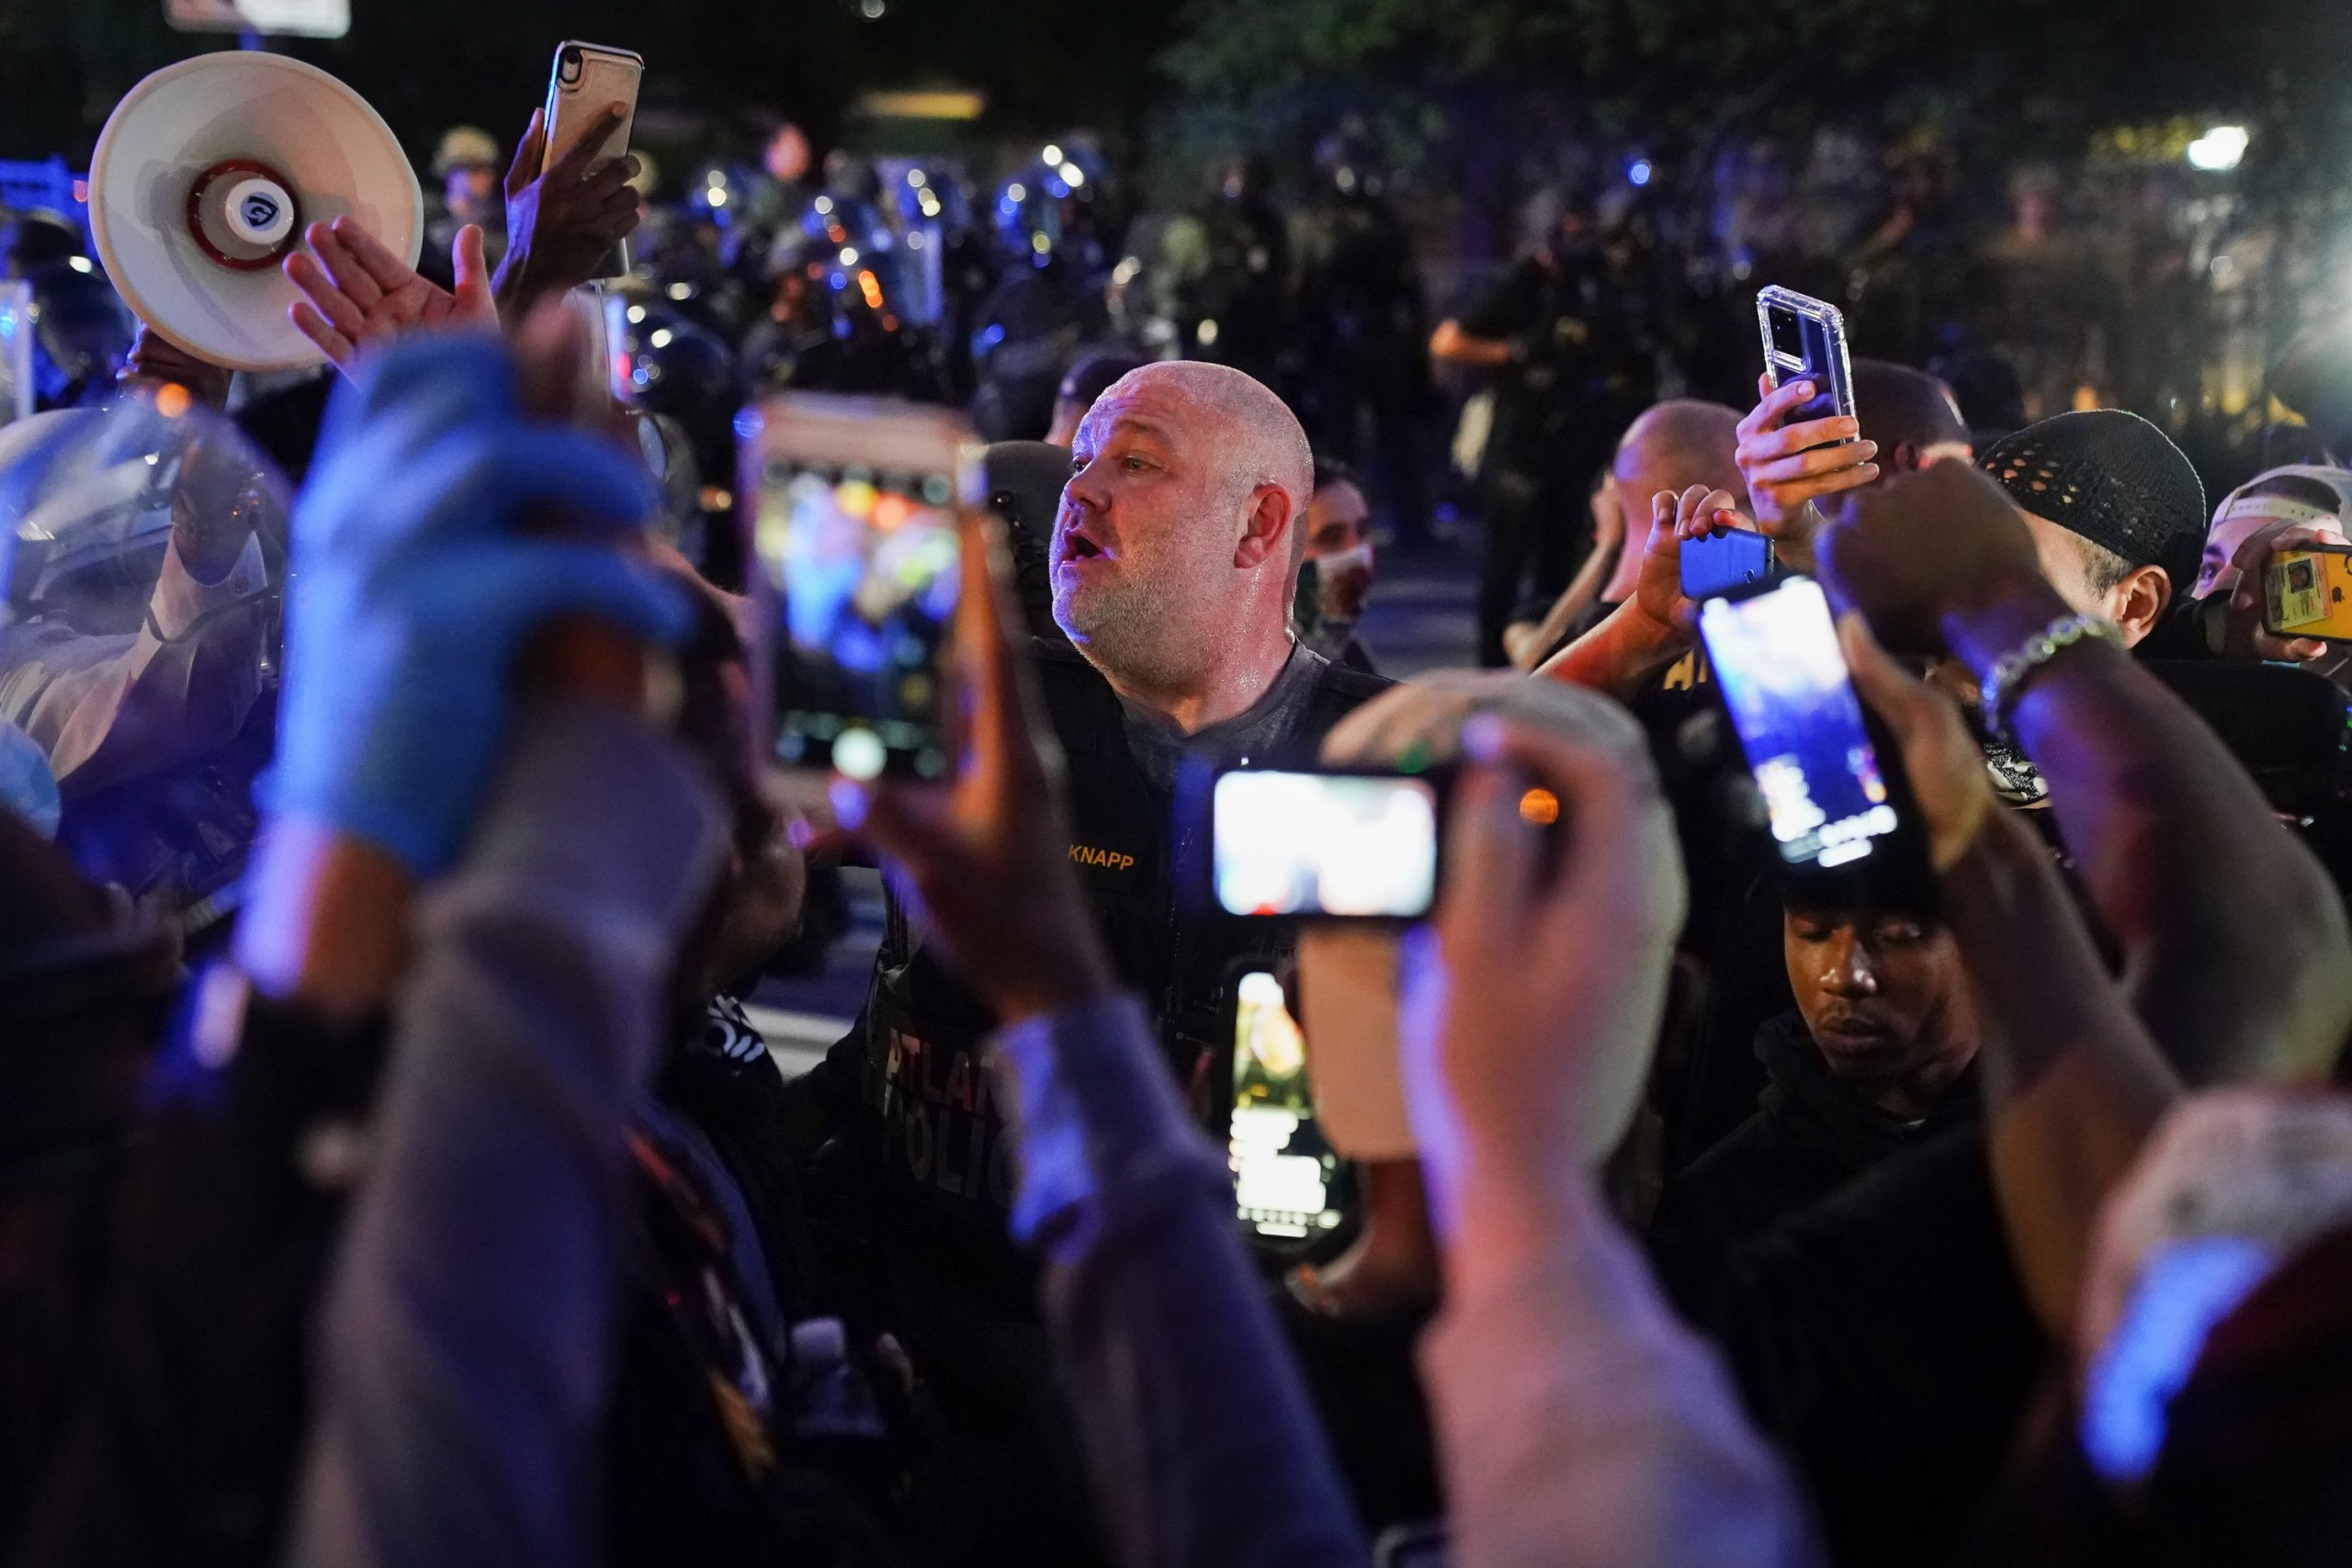 「国民総カメラマン」時代に警察の暴行を止められない理由